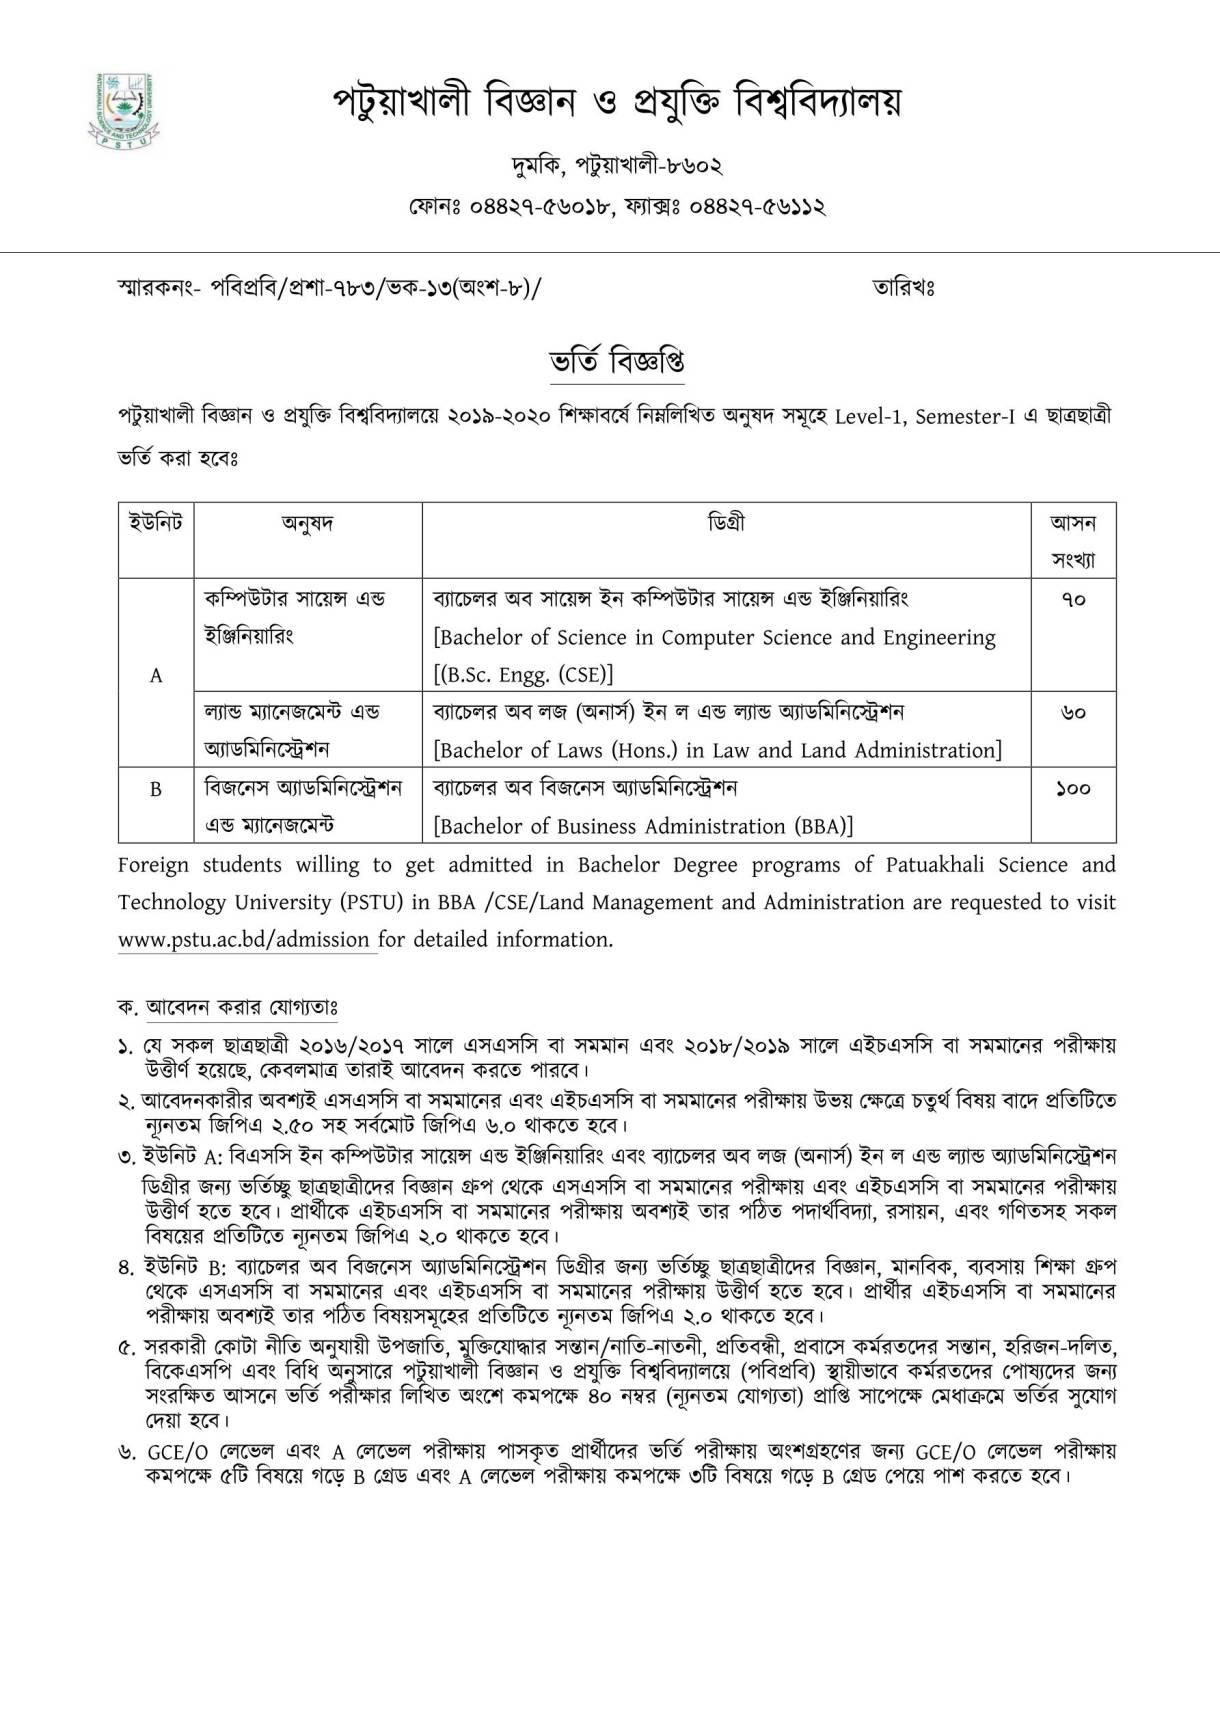 pstu admission circular 2019-20